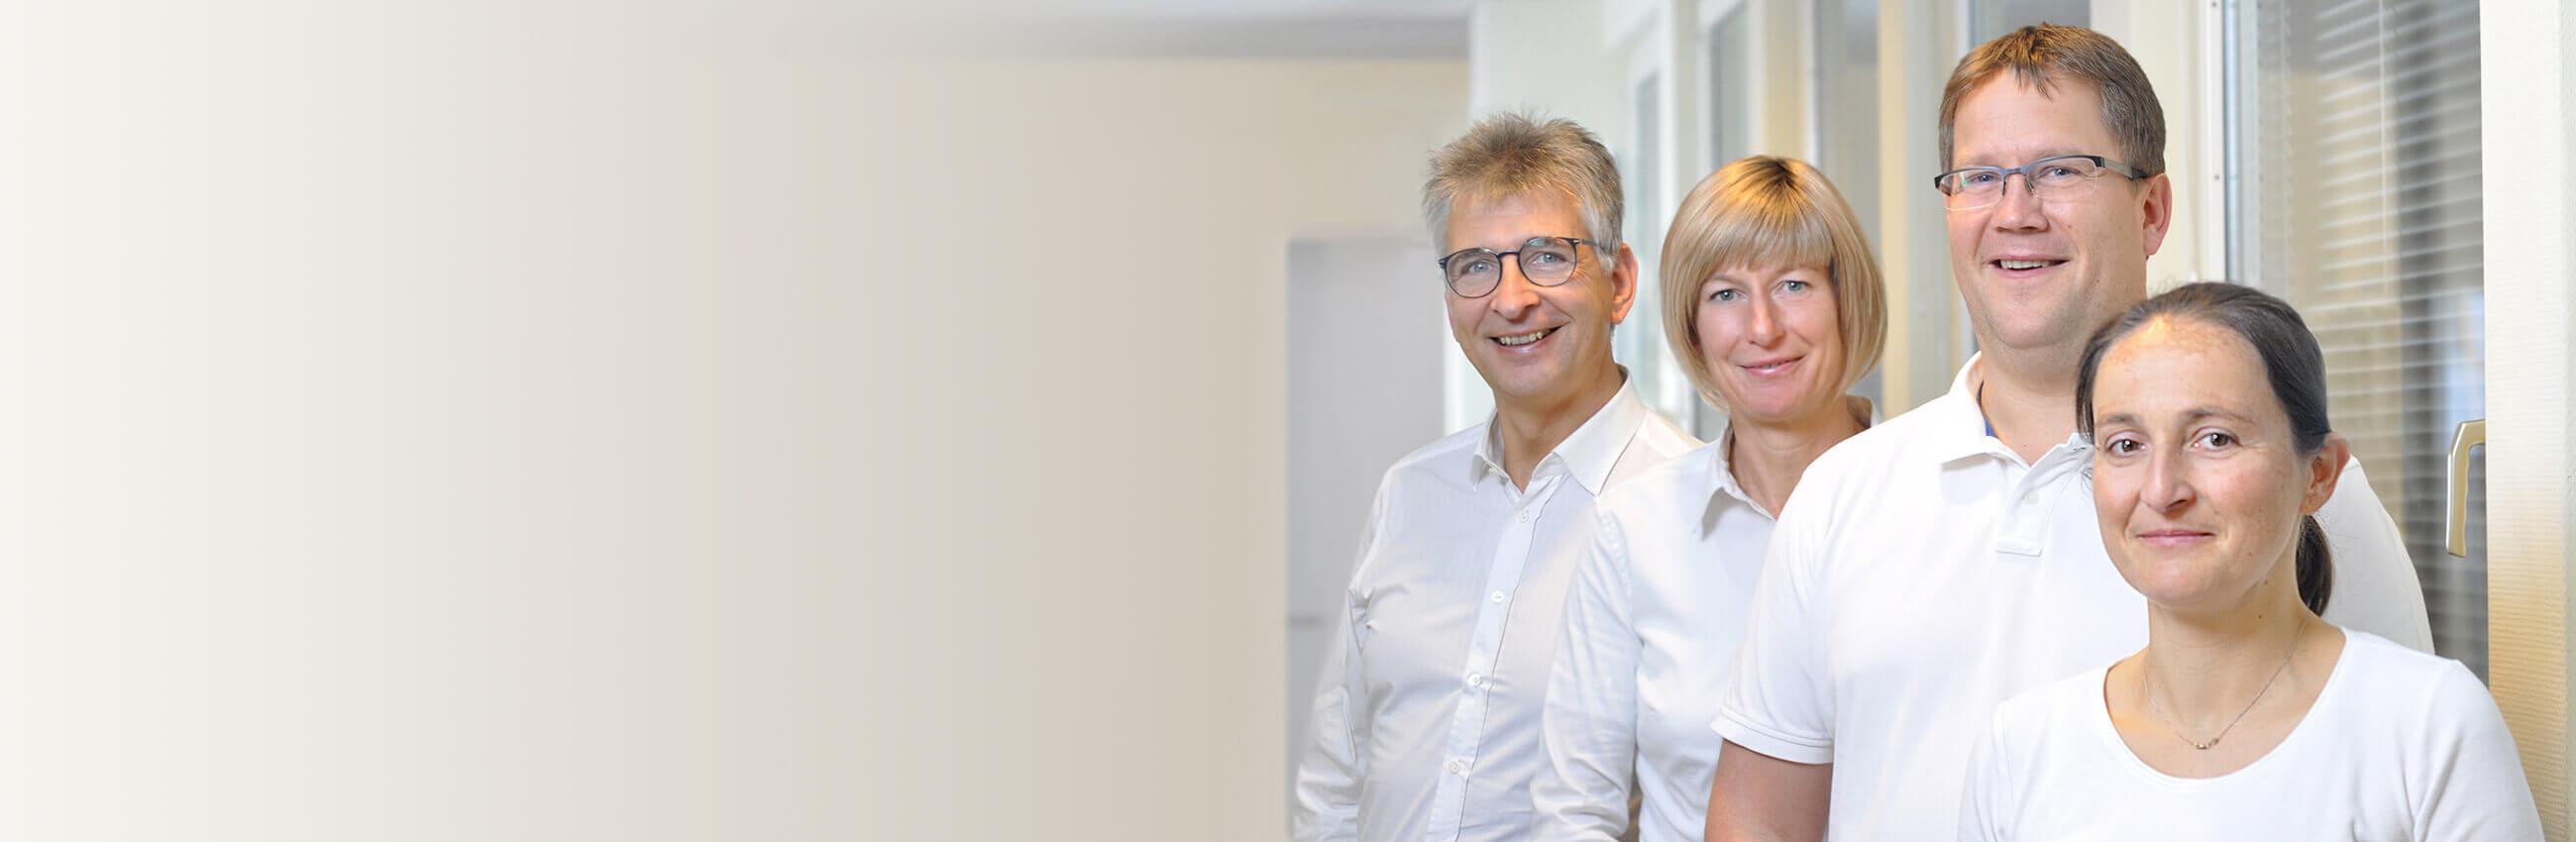 Kardiologen in Rostock